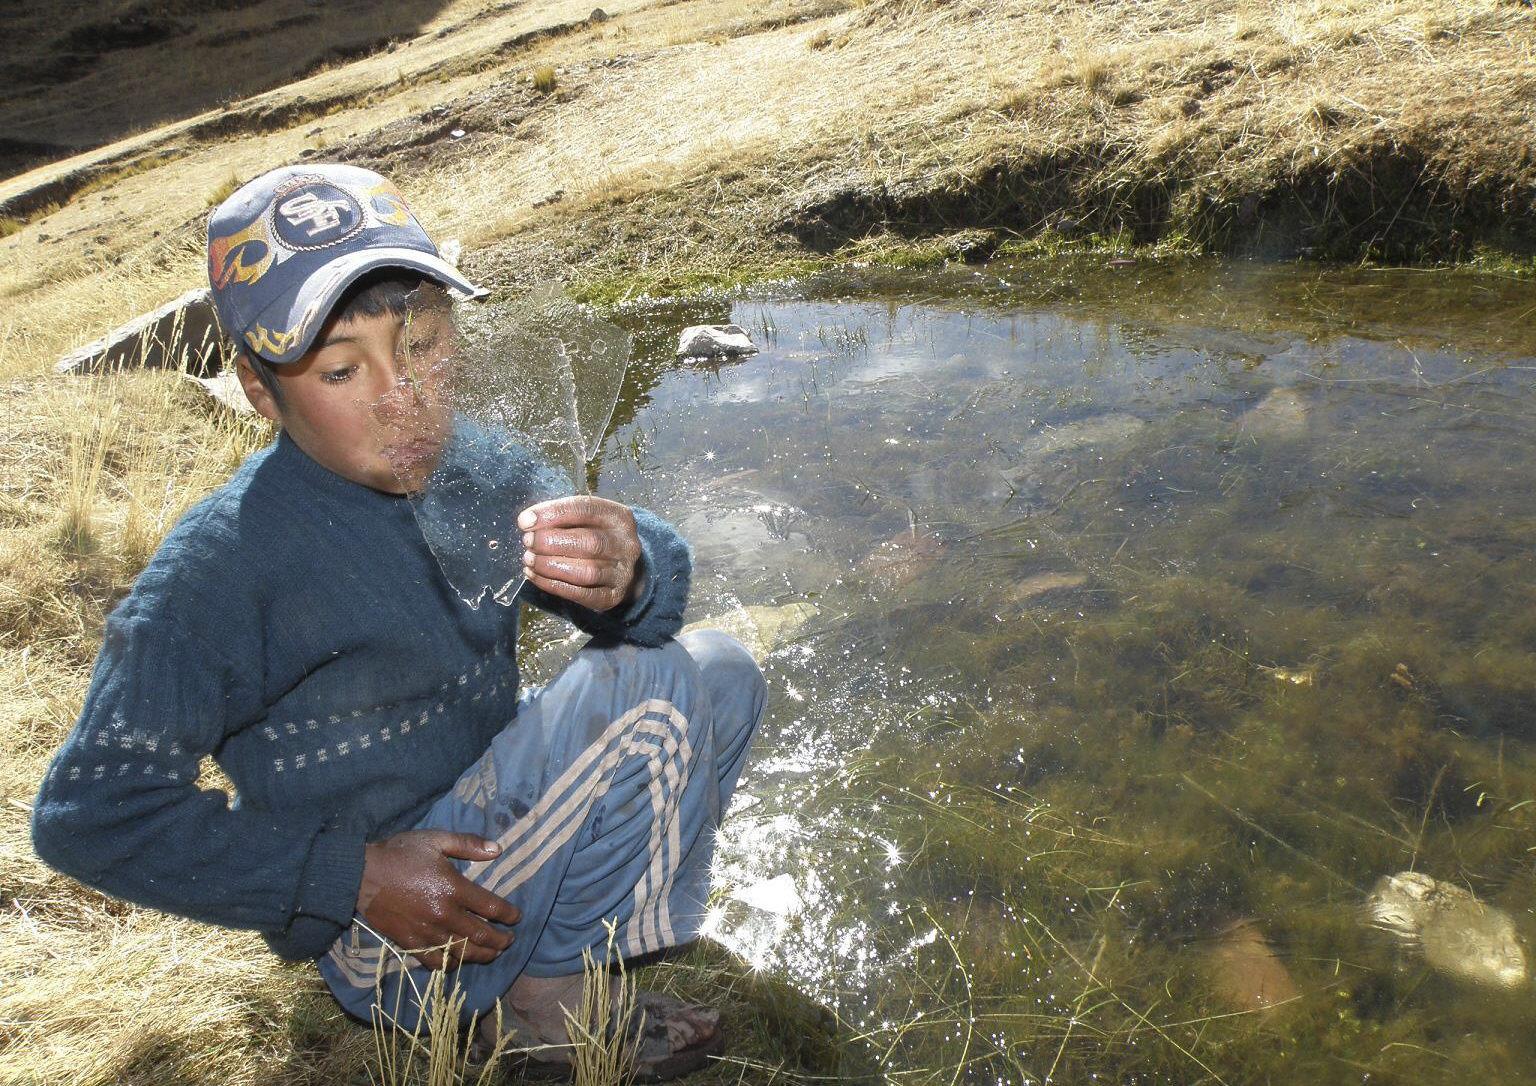 Un muerto y cientos de aislados por nevadas en el sur de Perú, según medios